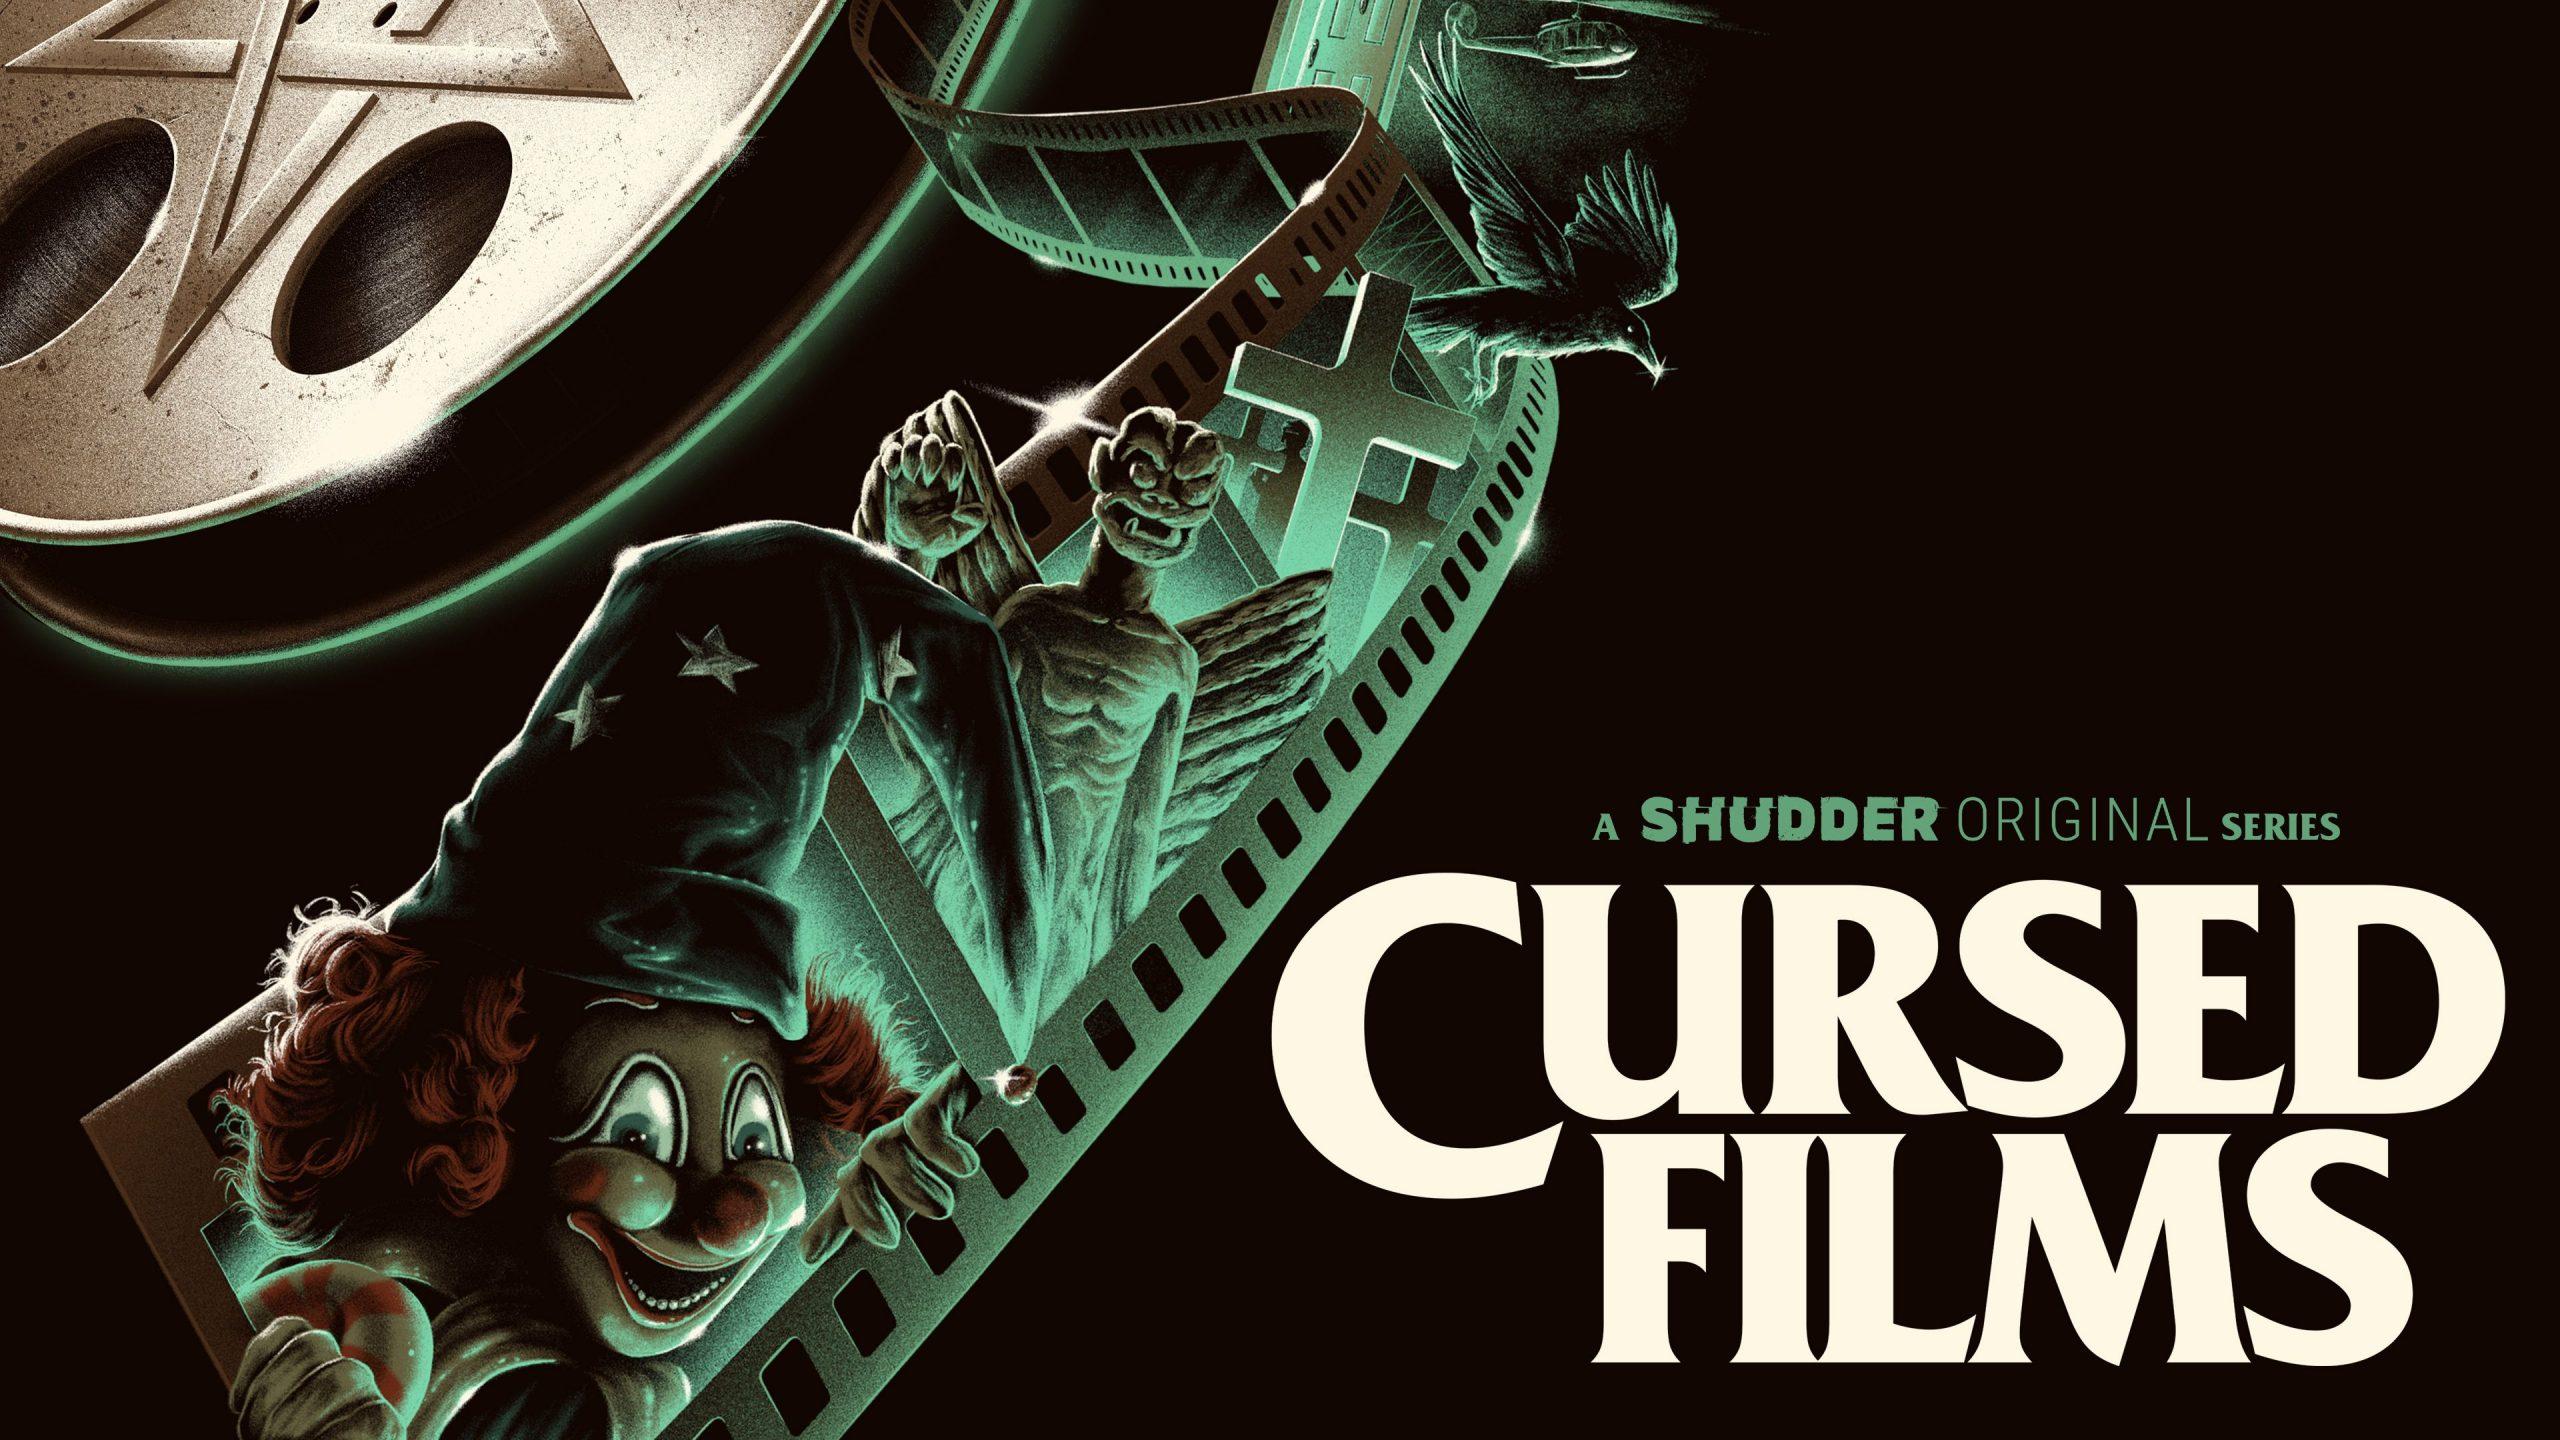 [News] CURSED FILMS Conjures Huge Series Premiere